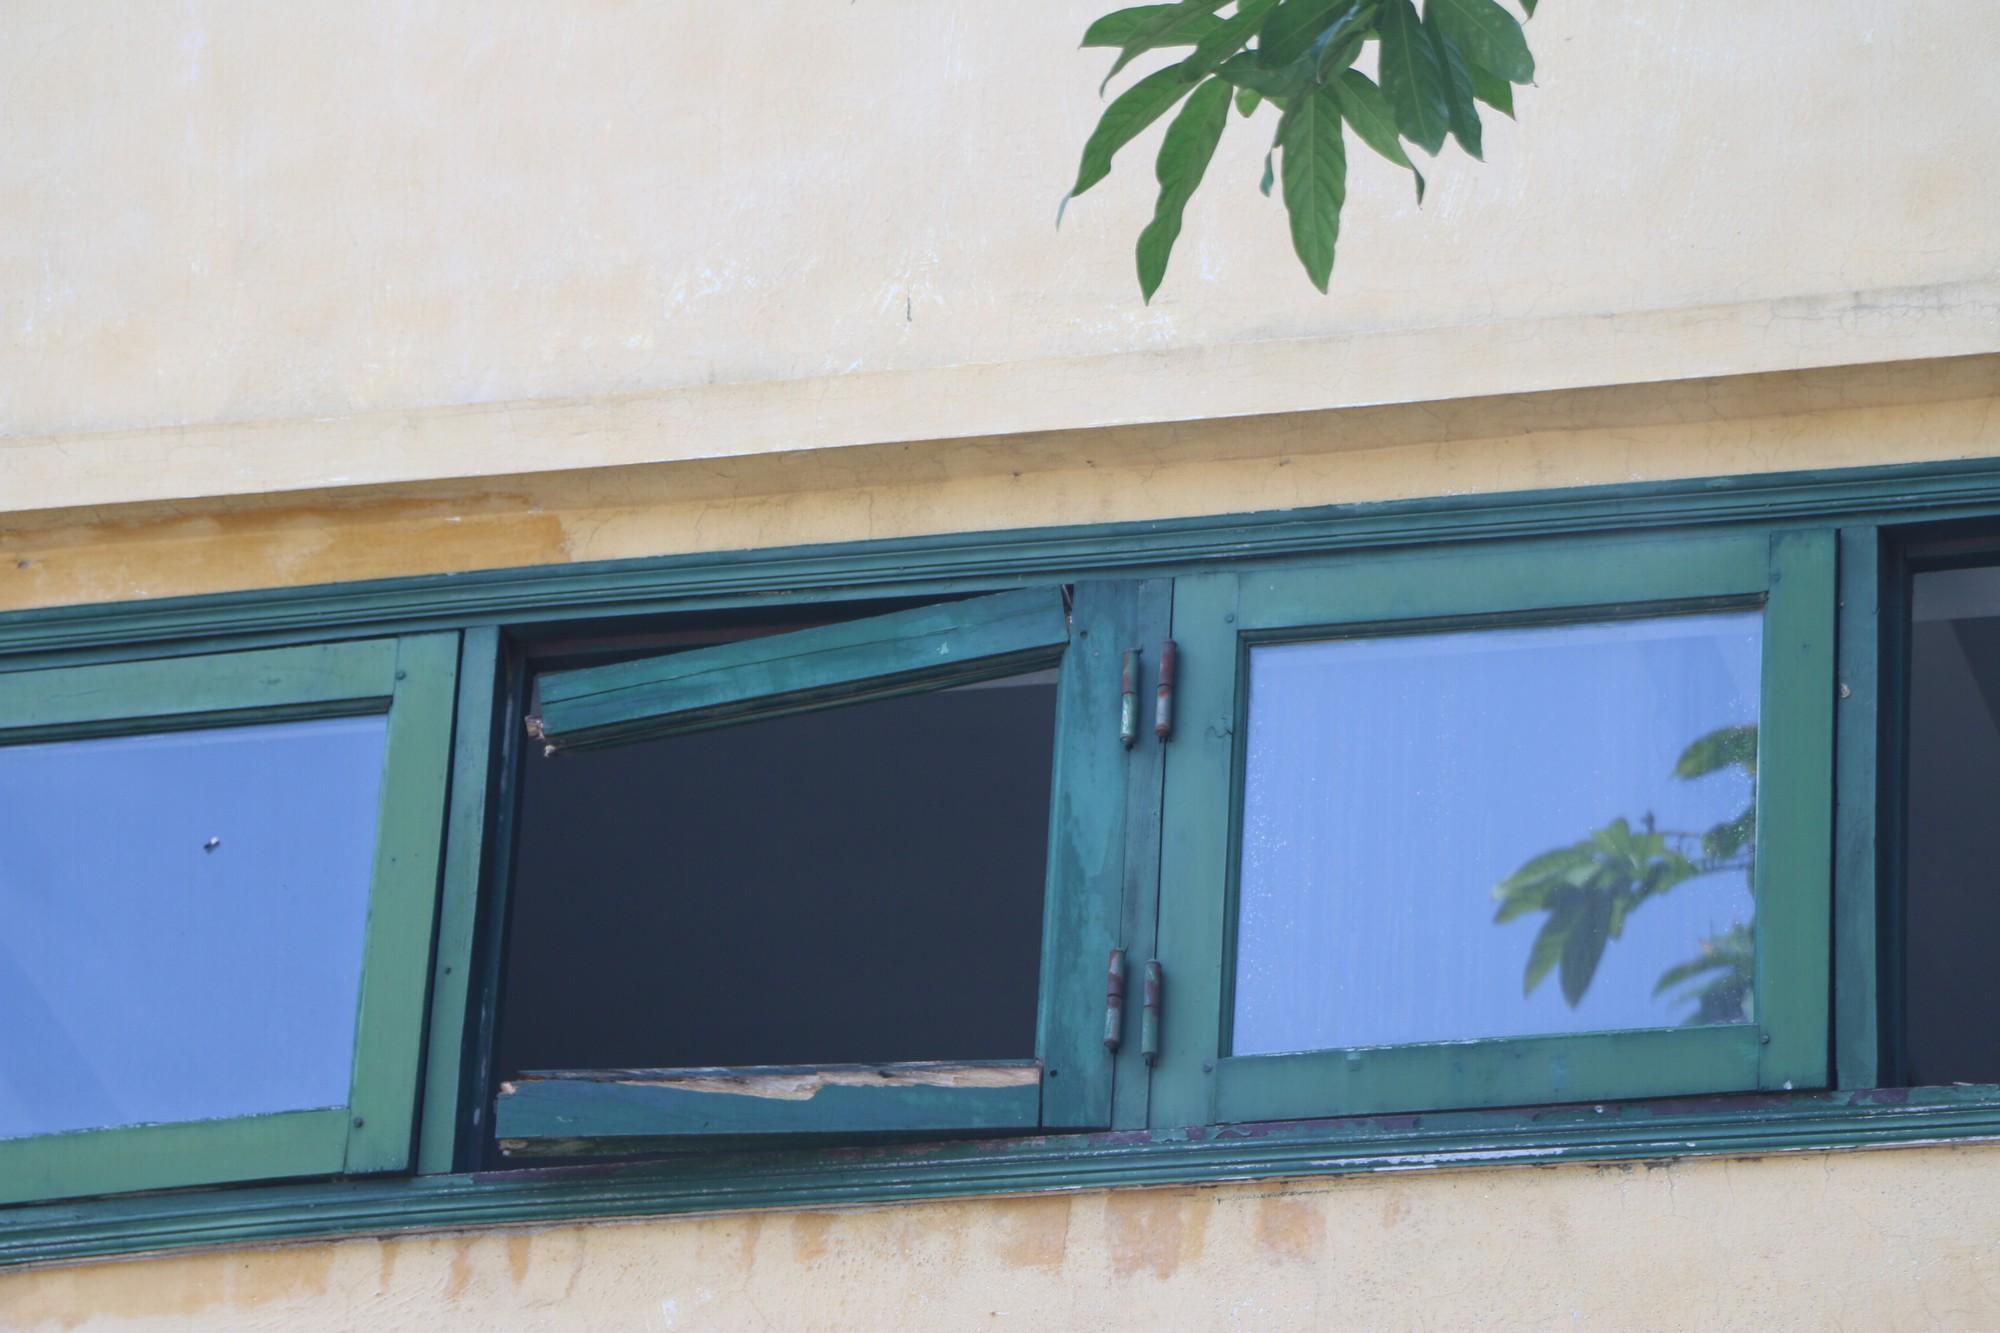 Vữa trần rơi, lan can được rào tạm bằng dây thép gai, ngôi trường cấp 3 giữa Hà Nội có nguy cơ đổ sập  - Ảnh 16.